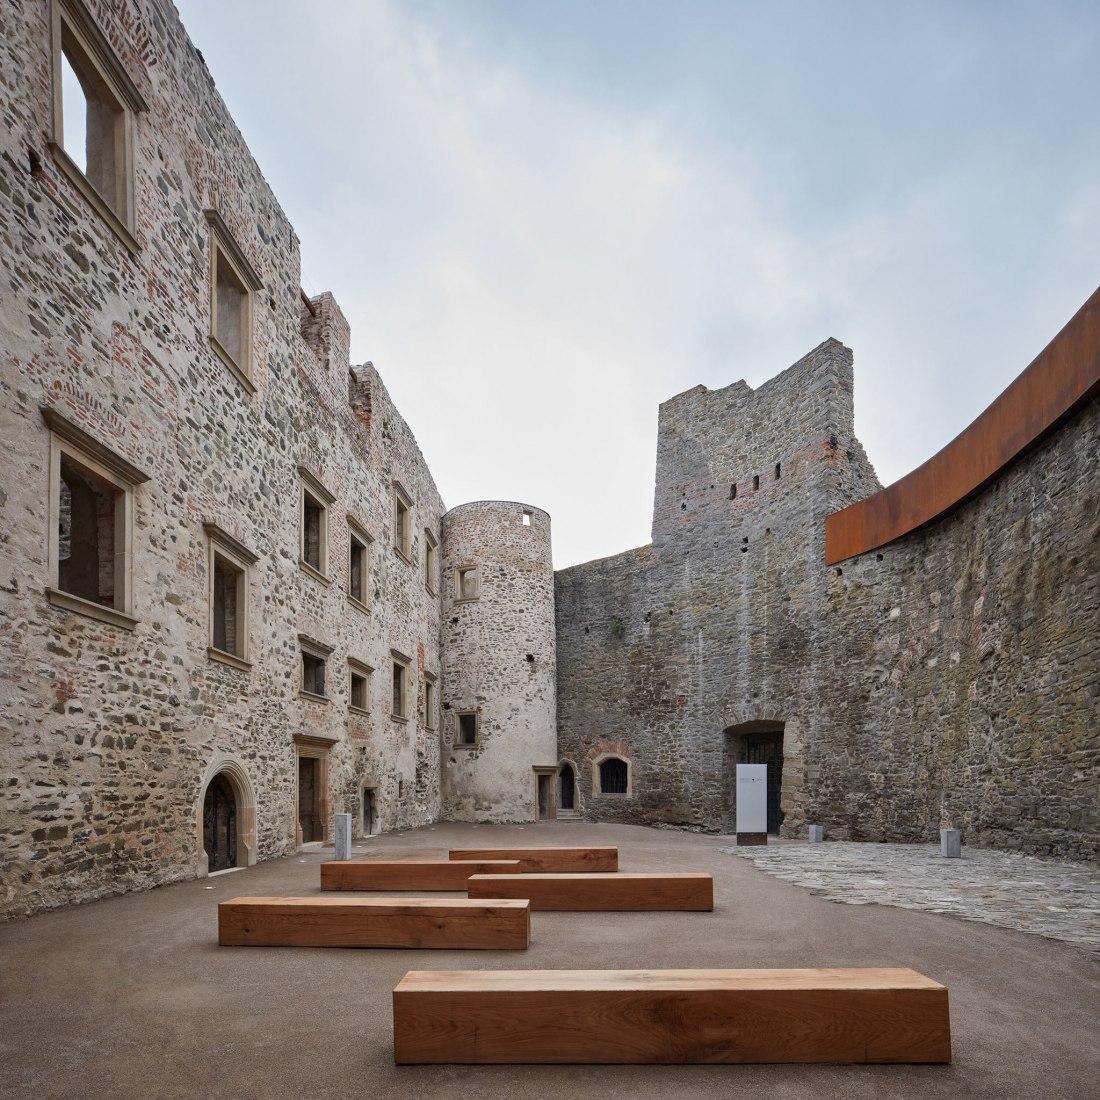 Helfštýn Castle Palace Reconstruction by Atelier-r. Photograph by BoysPlayNice